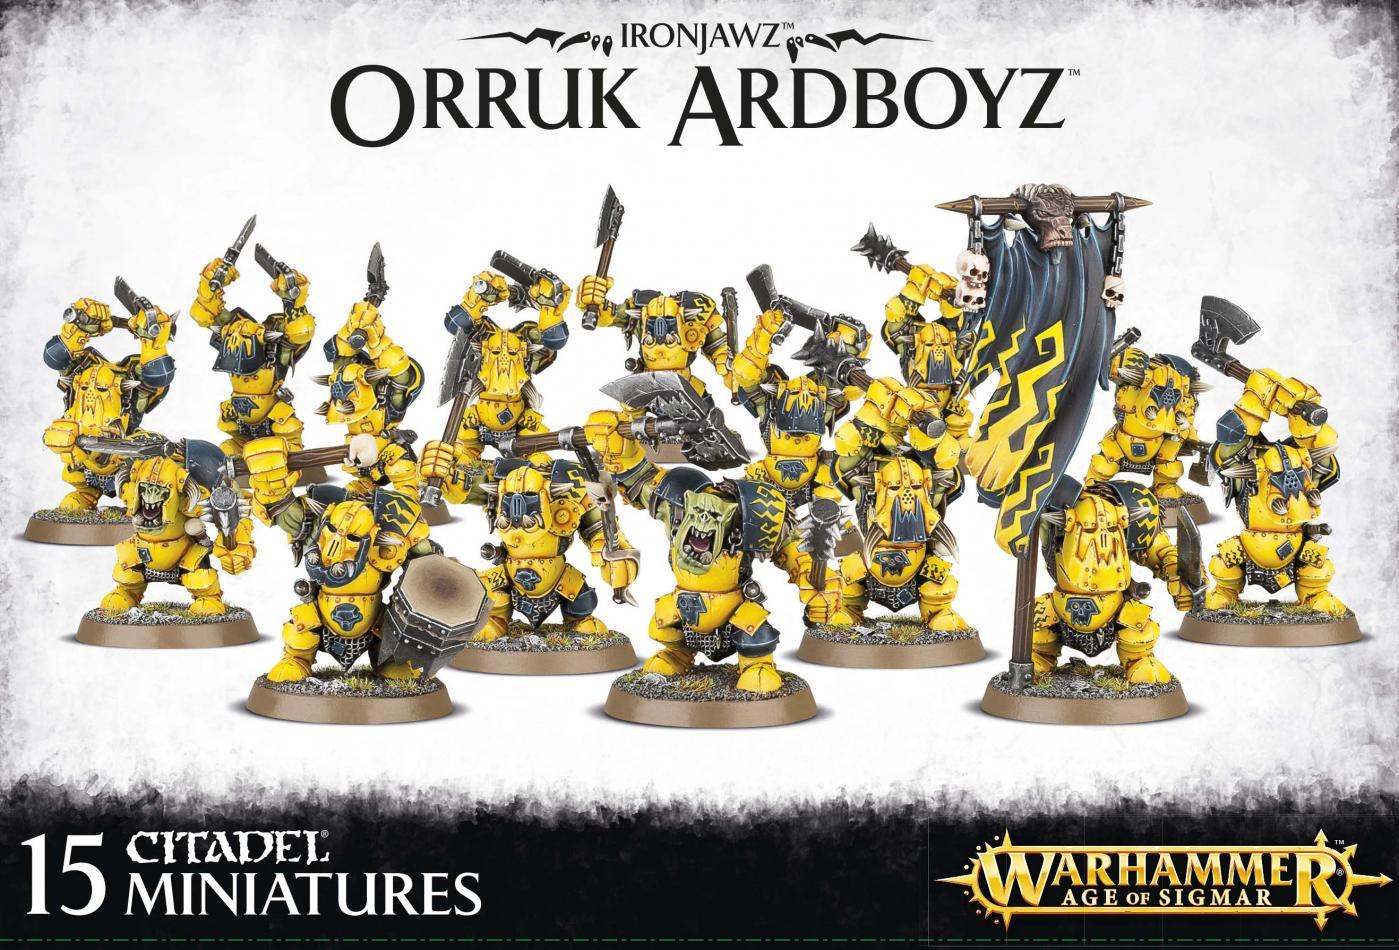 Ironjawz Orruk 'ardboyz